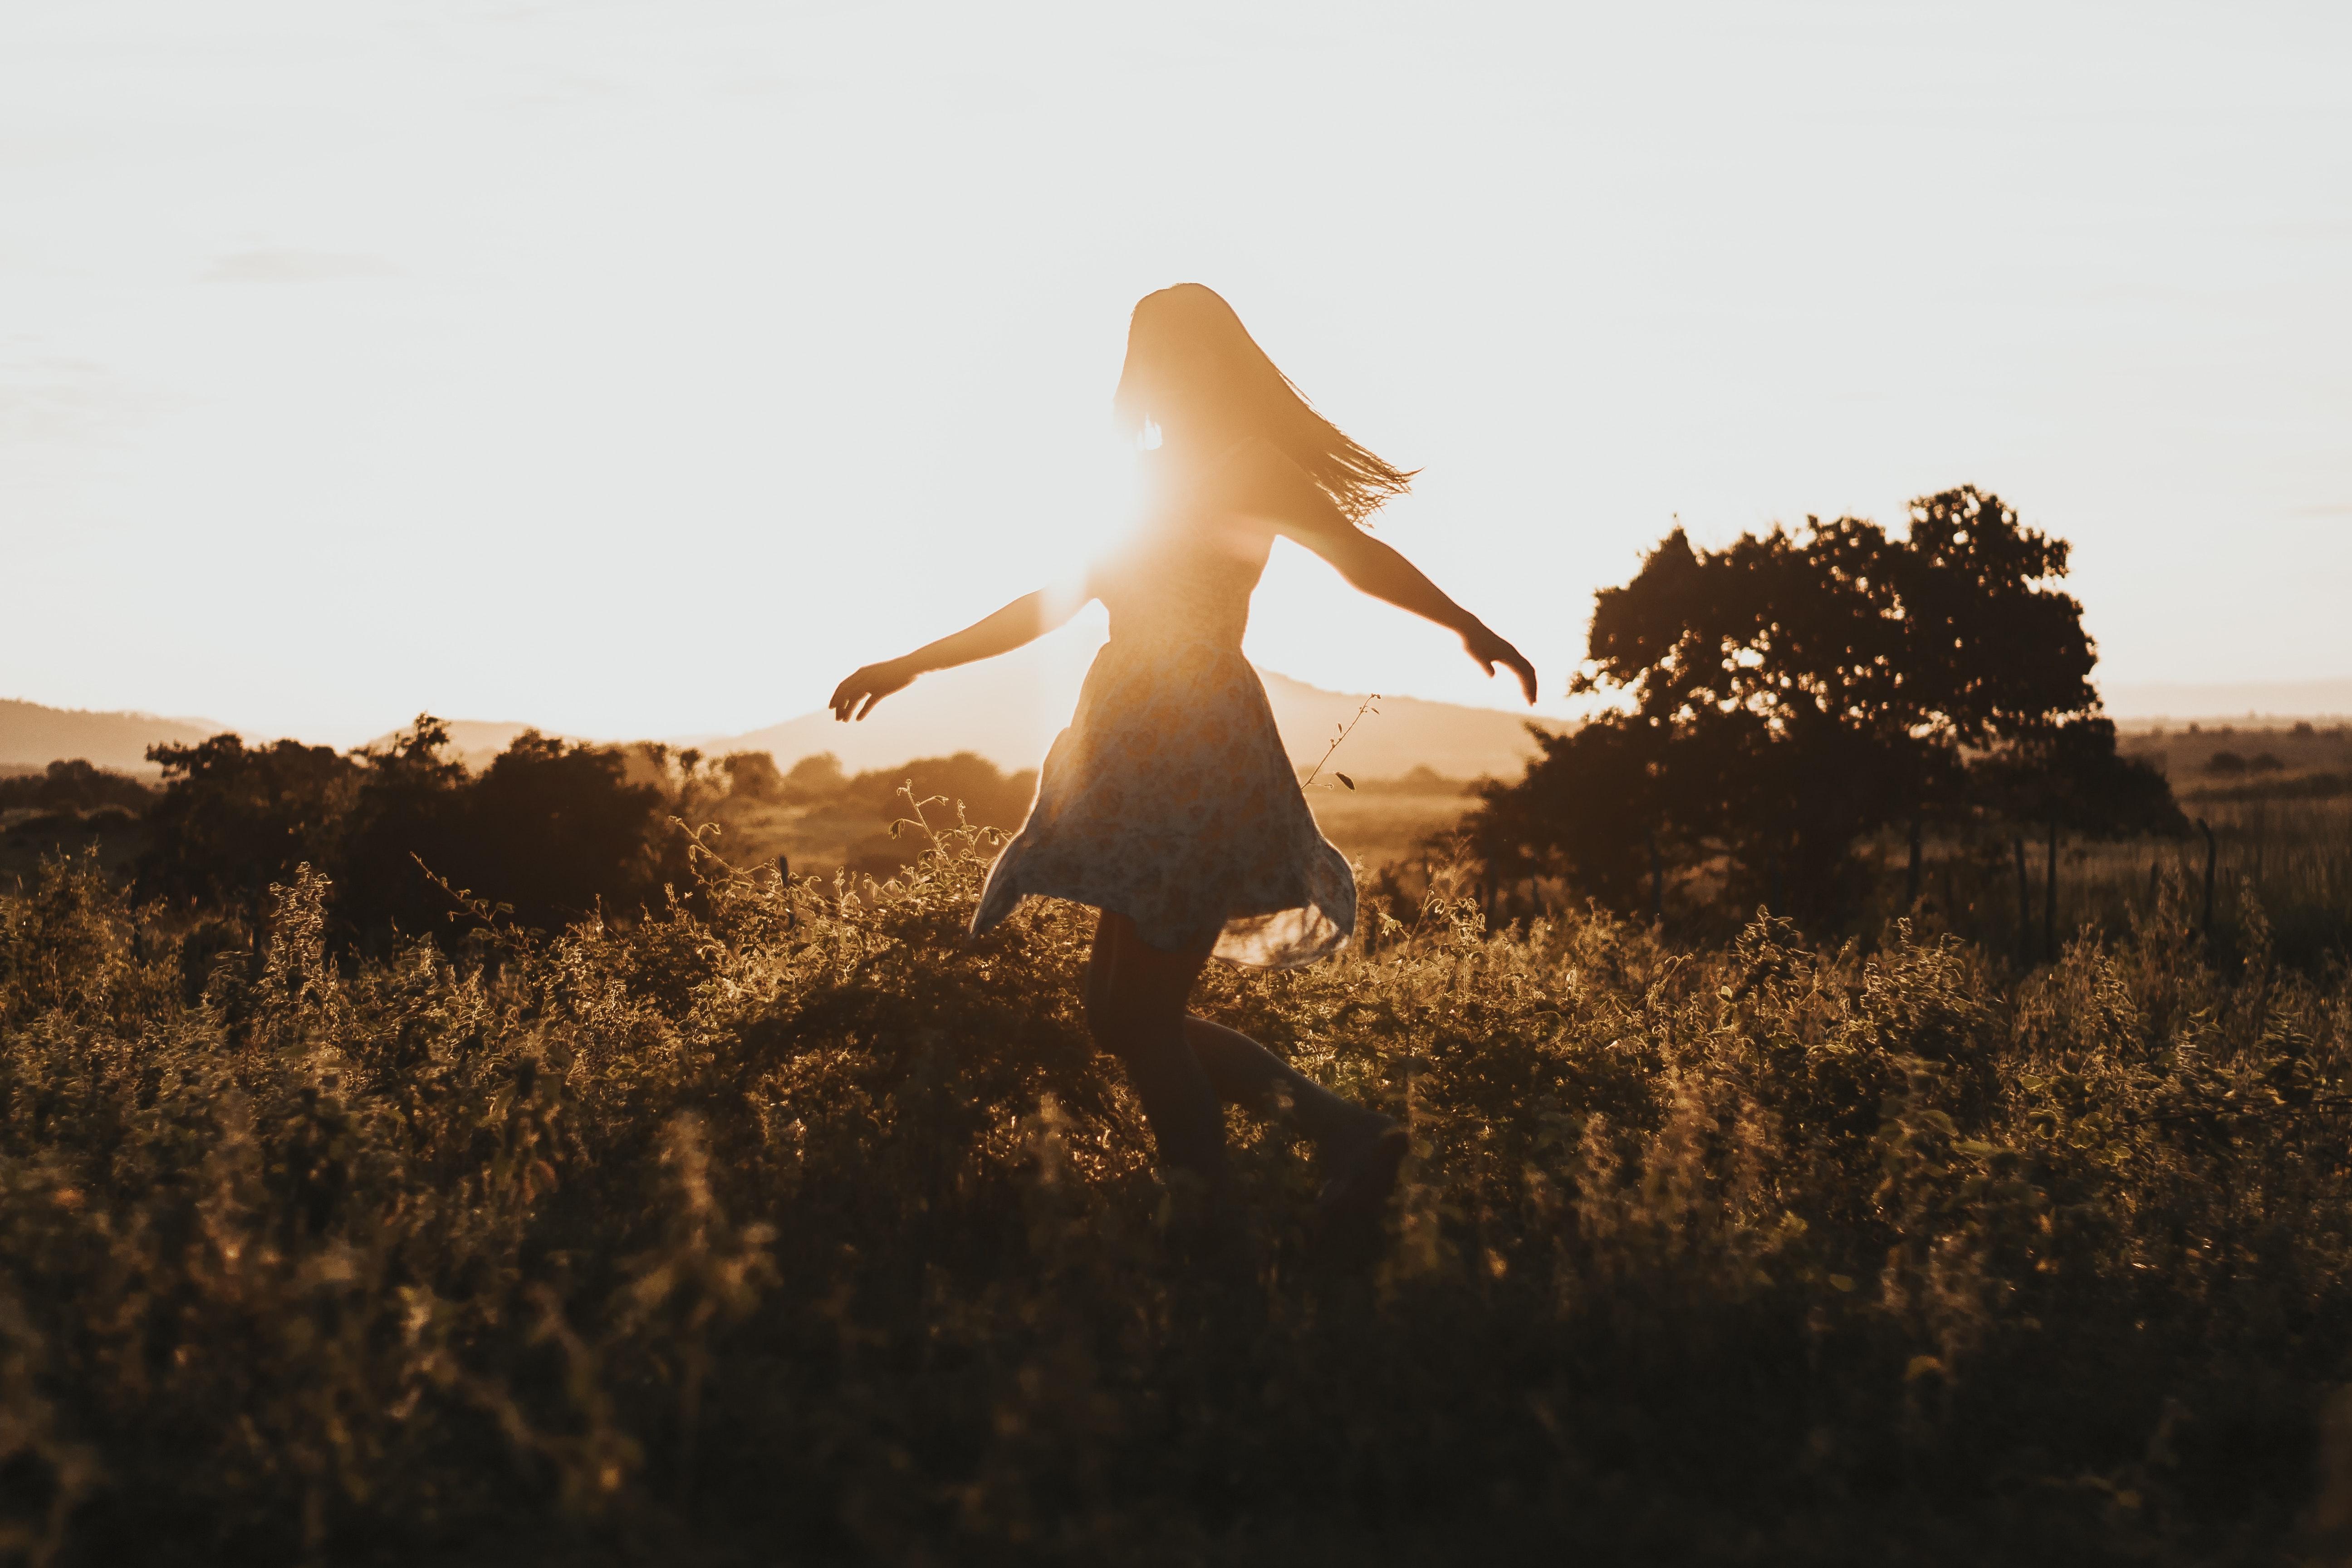 「ダンスに誘われる夢」は恋のアプローチの兆し